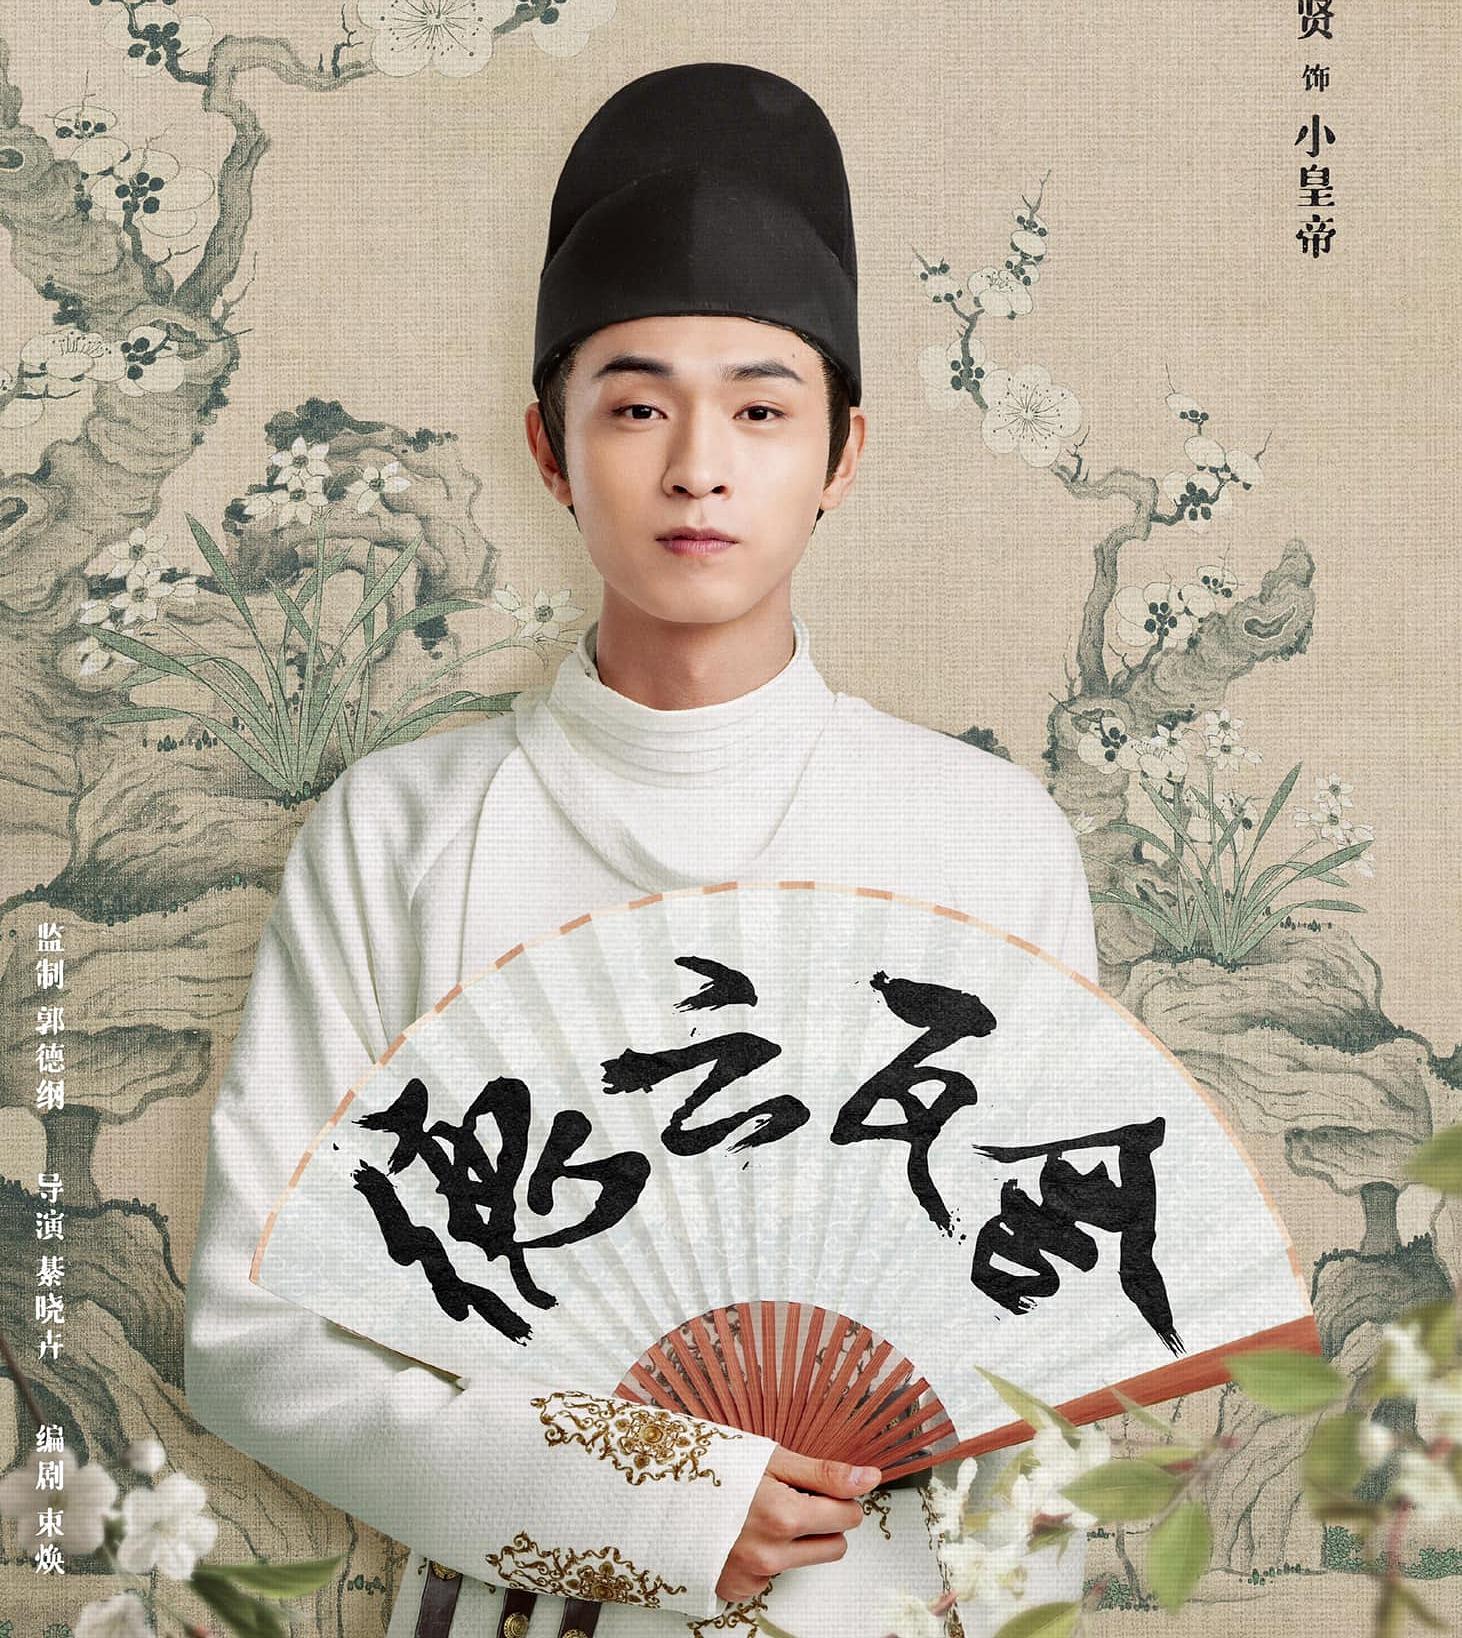 Nam chính của Triệu Tiểu Đường là Tần Tiêu Hiền, một diễn viên kịch sinh năm 1997, dấu ấn rất mờ nhạt trên màn ảnh. Sự kết hợp với nam chính vô danh cũng mang đến thiệt thòi cho Triệu Tiểu Đường khi không được truyền thông chú ý nhiều.